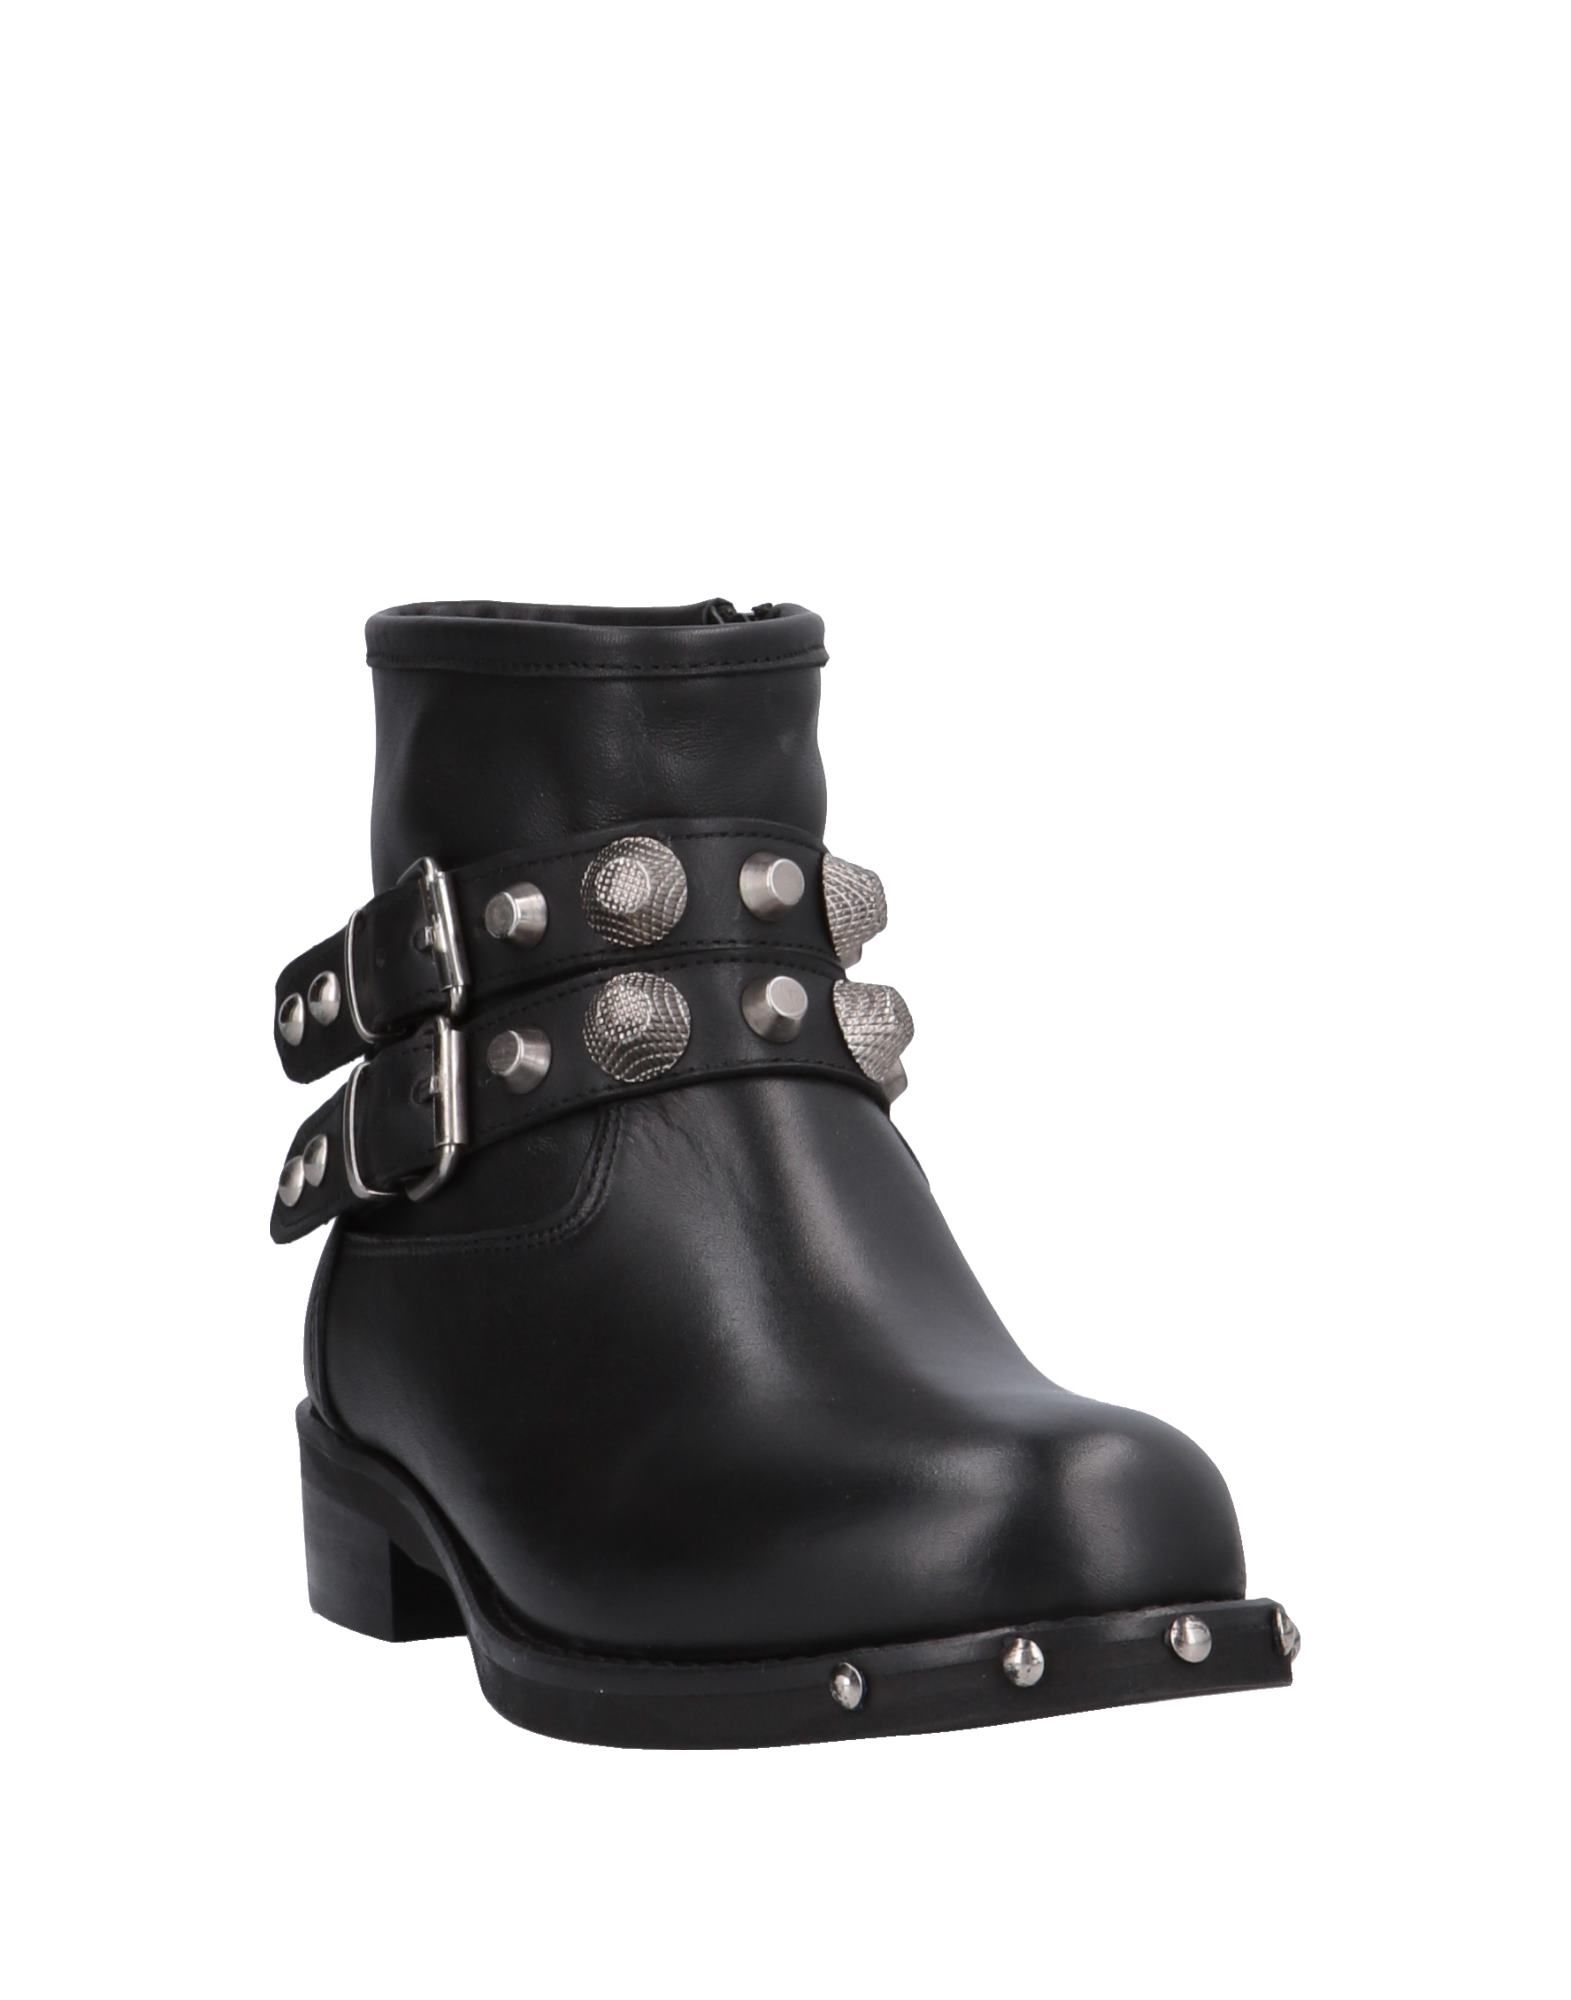 Gut tragenG.P. um billige Schuhe zu tragenG.P. Gut Per Noy Bologna Stiefelette Damen  11549204UG 53c036